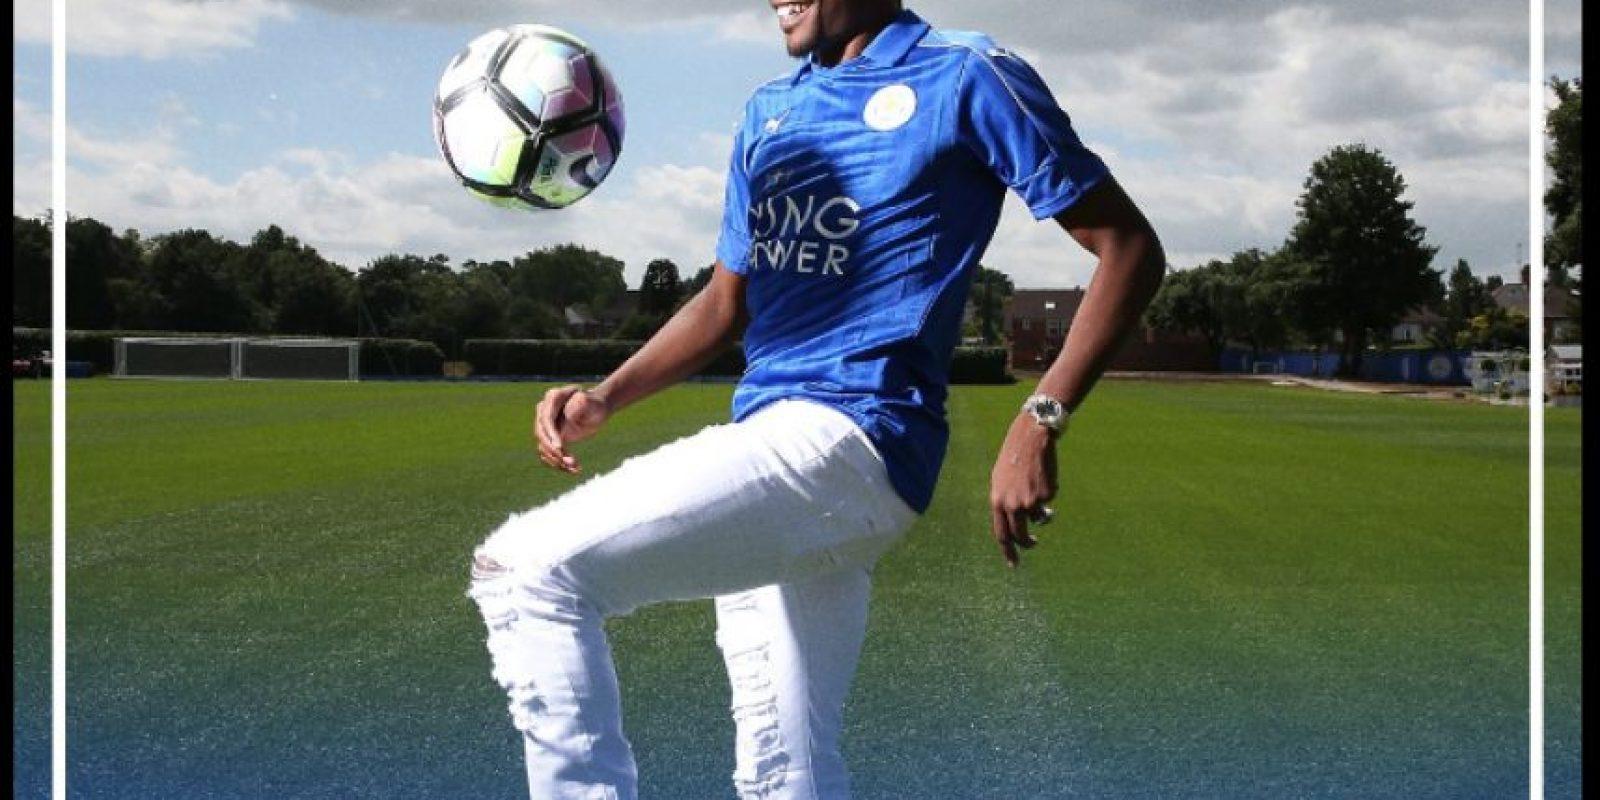 El atacante nigeriano viene de jugar en el CSKA Moscú Foto:Twitter Leicester